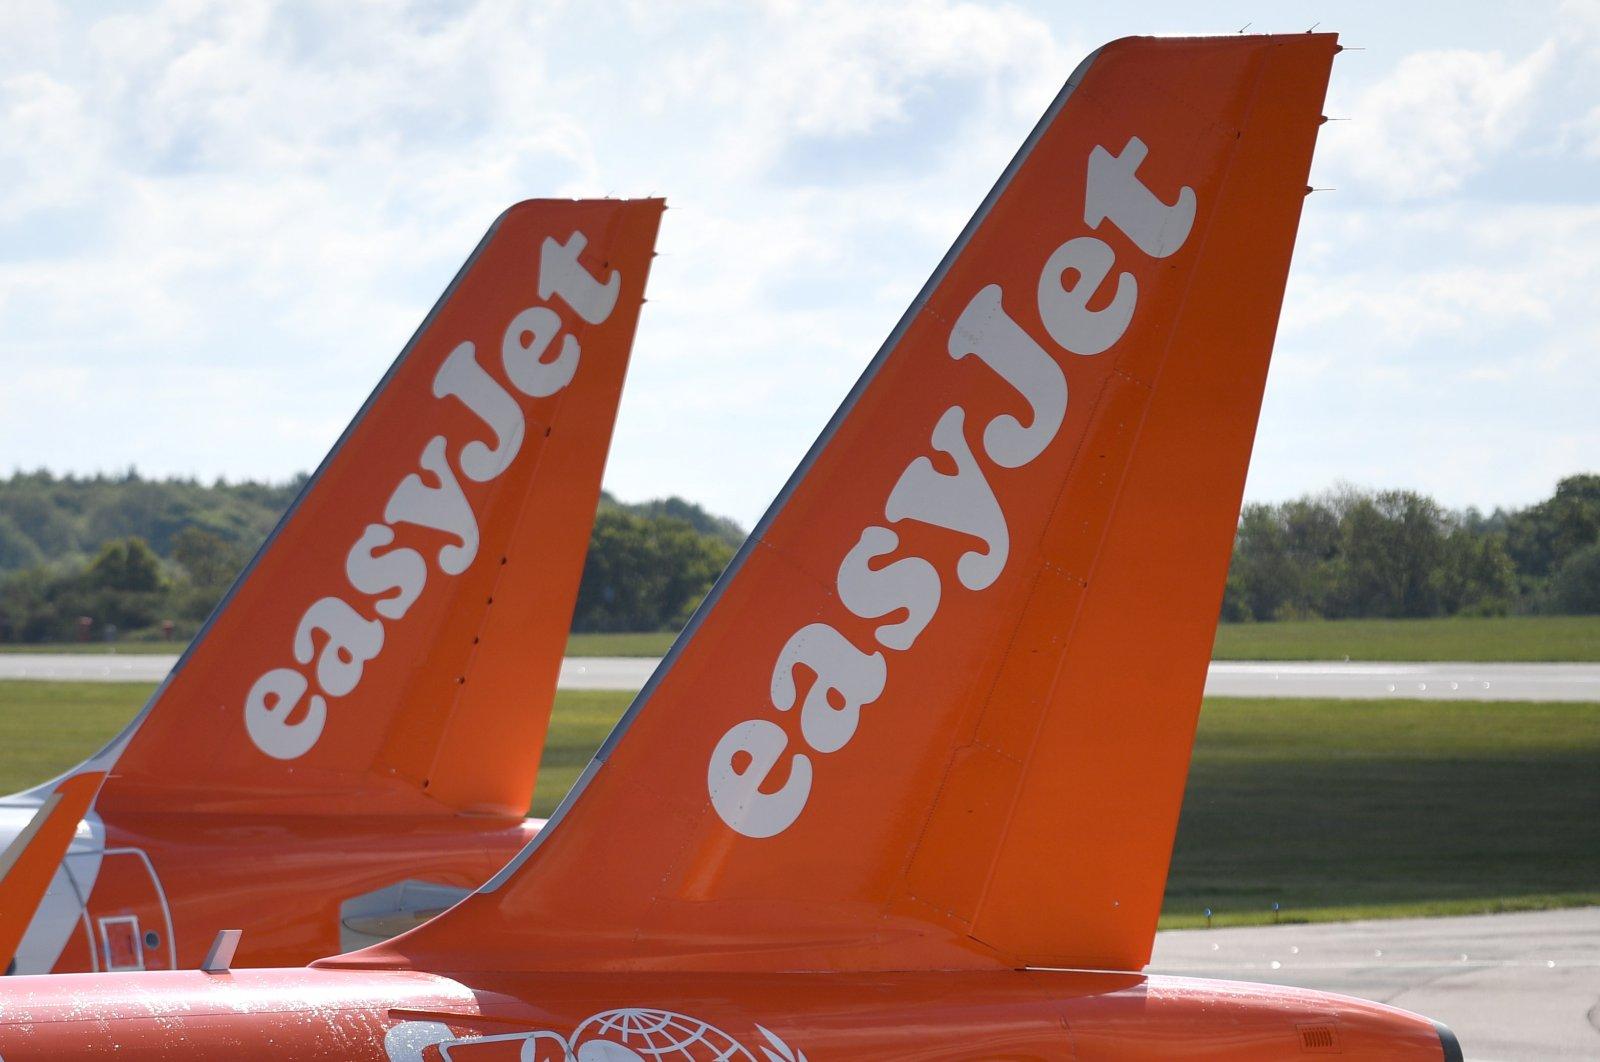 EasyJet aircraft seen parked at Luton Airport, London, England, May 2, 2020. (EPA Photo)